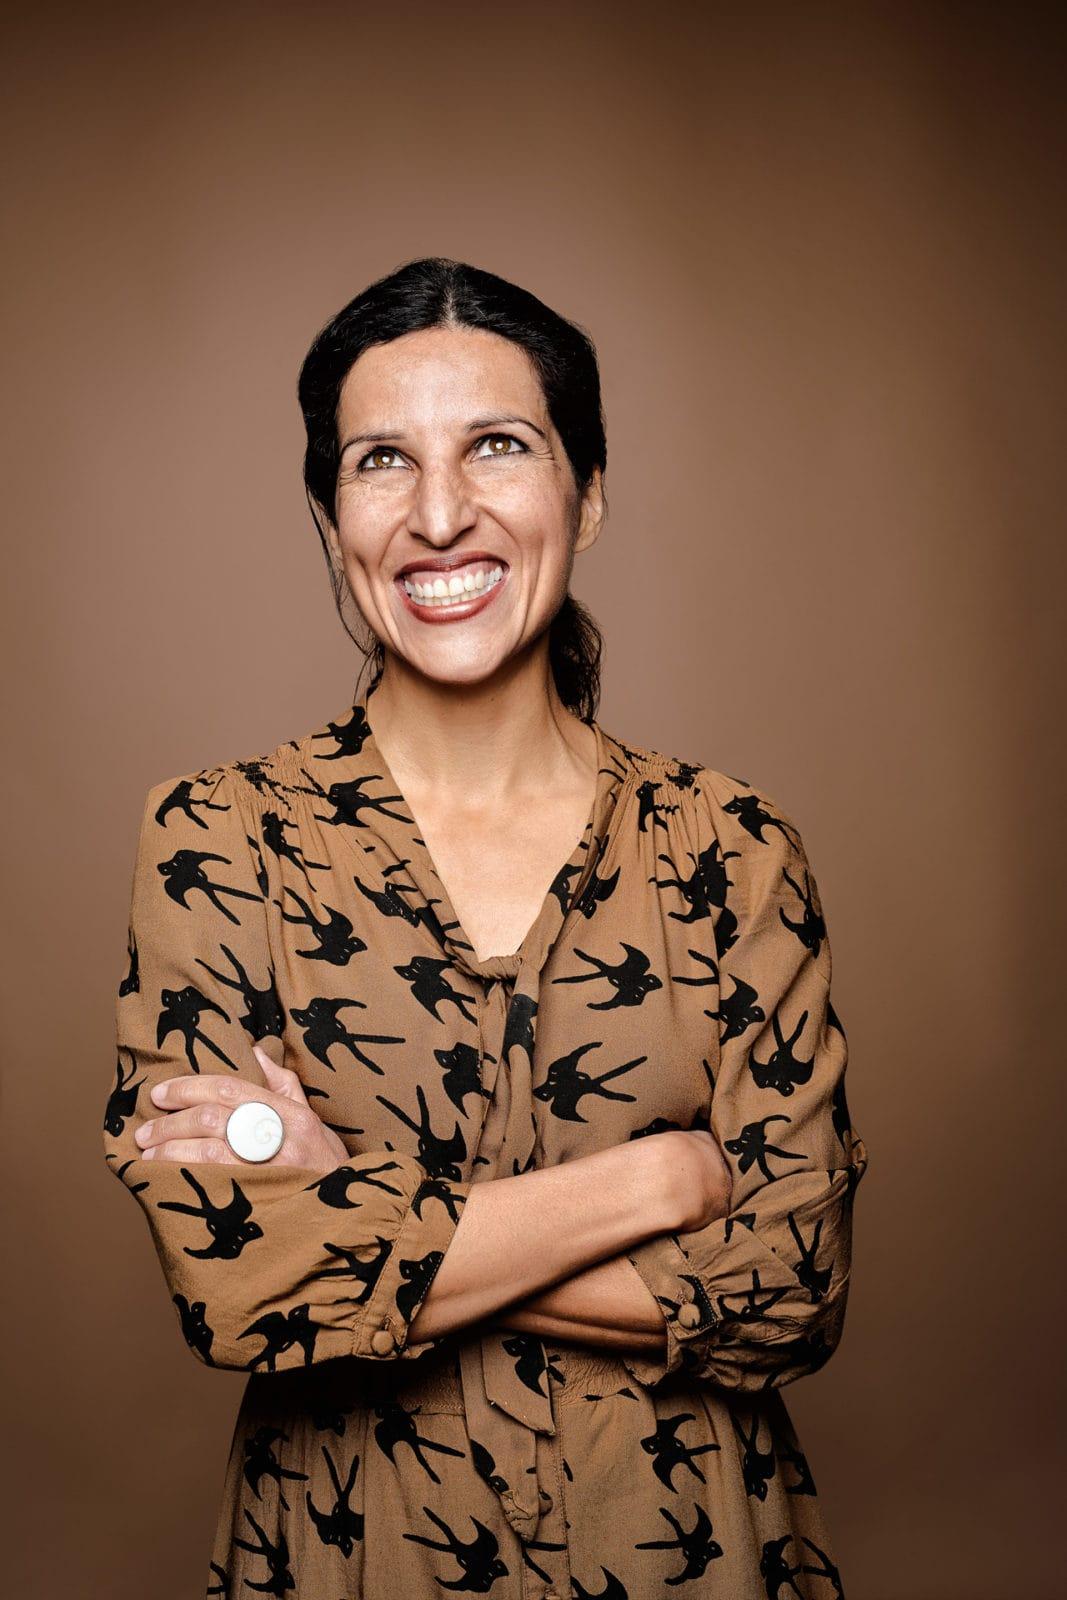 Sedcard Shooting für Düsseldorfer Schauspielerin und Model - auch möglich in Hamburg, Berlin und München